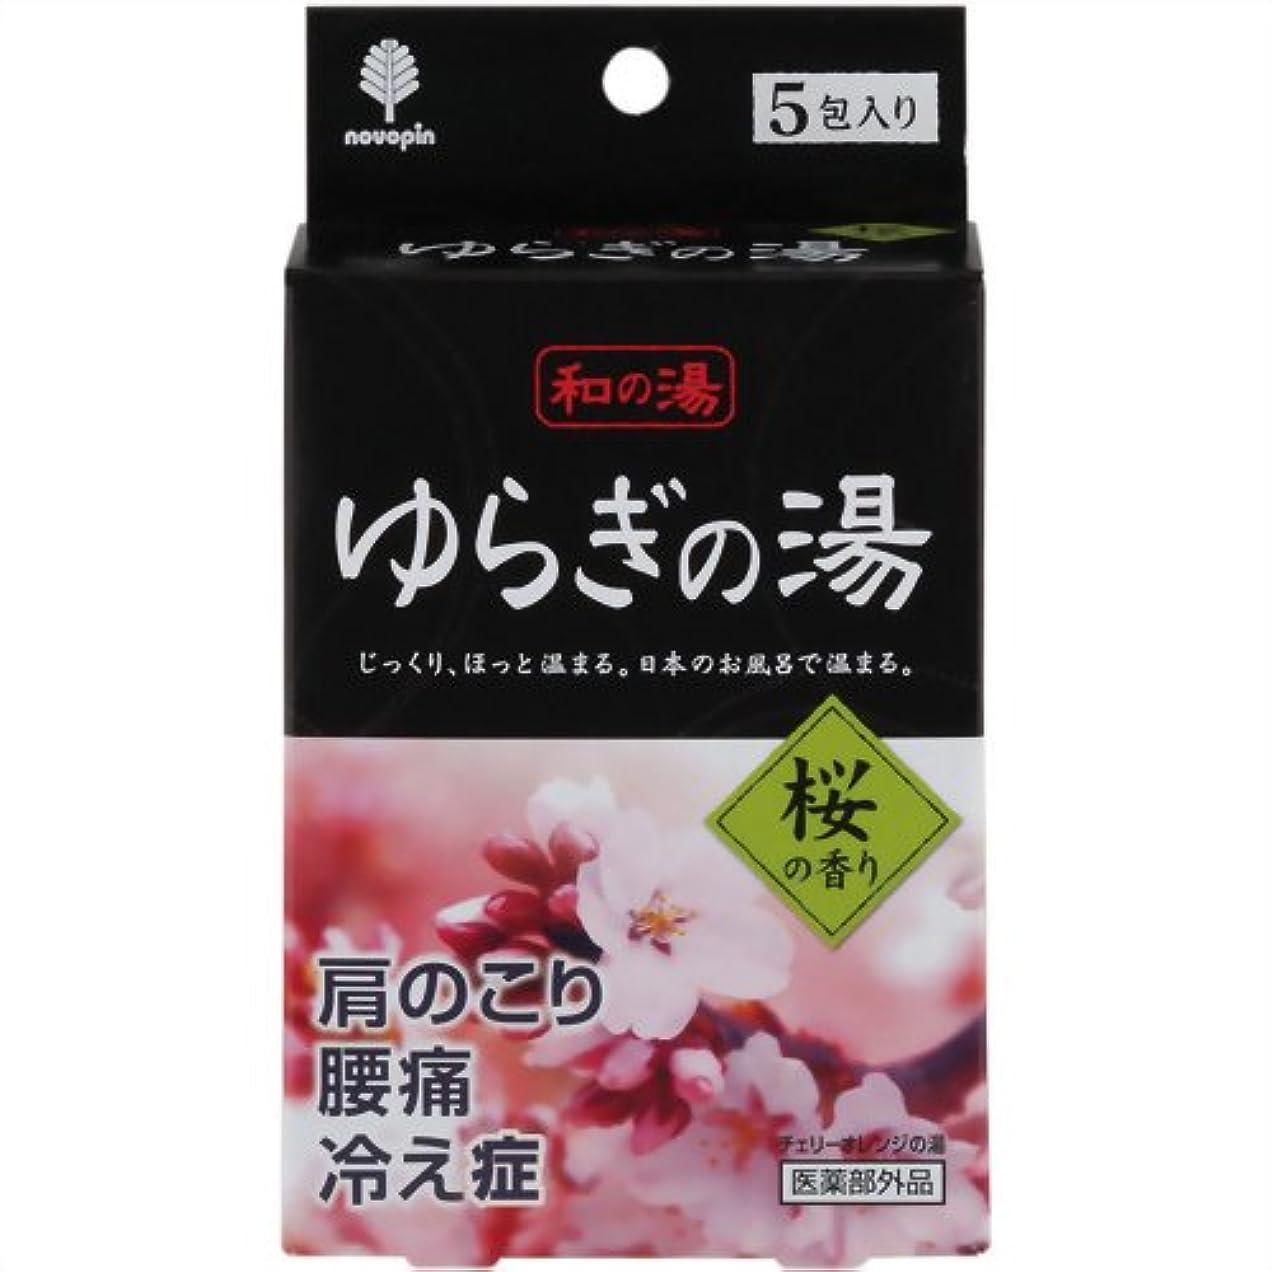 シンジケートセクタ楽観和の湯 ゆらぎの湯 桜の香り 5包入